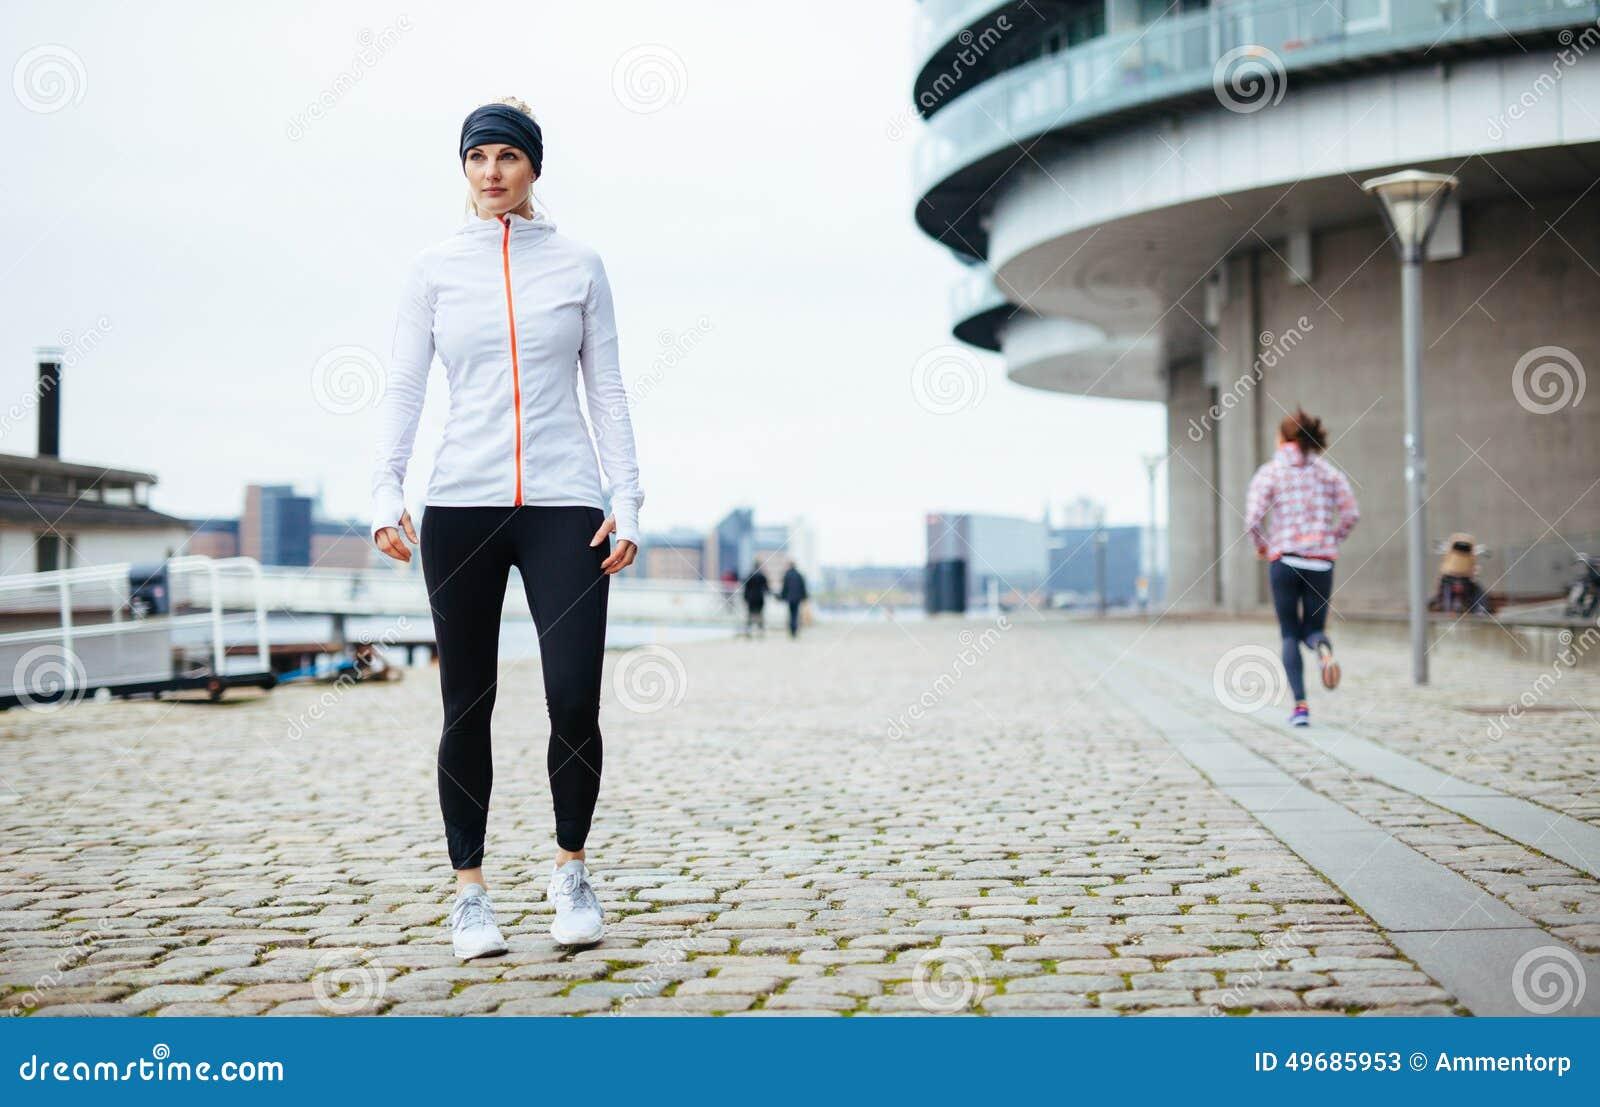 Retrato desportivo bonito da mulher